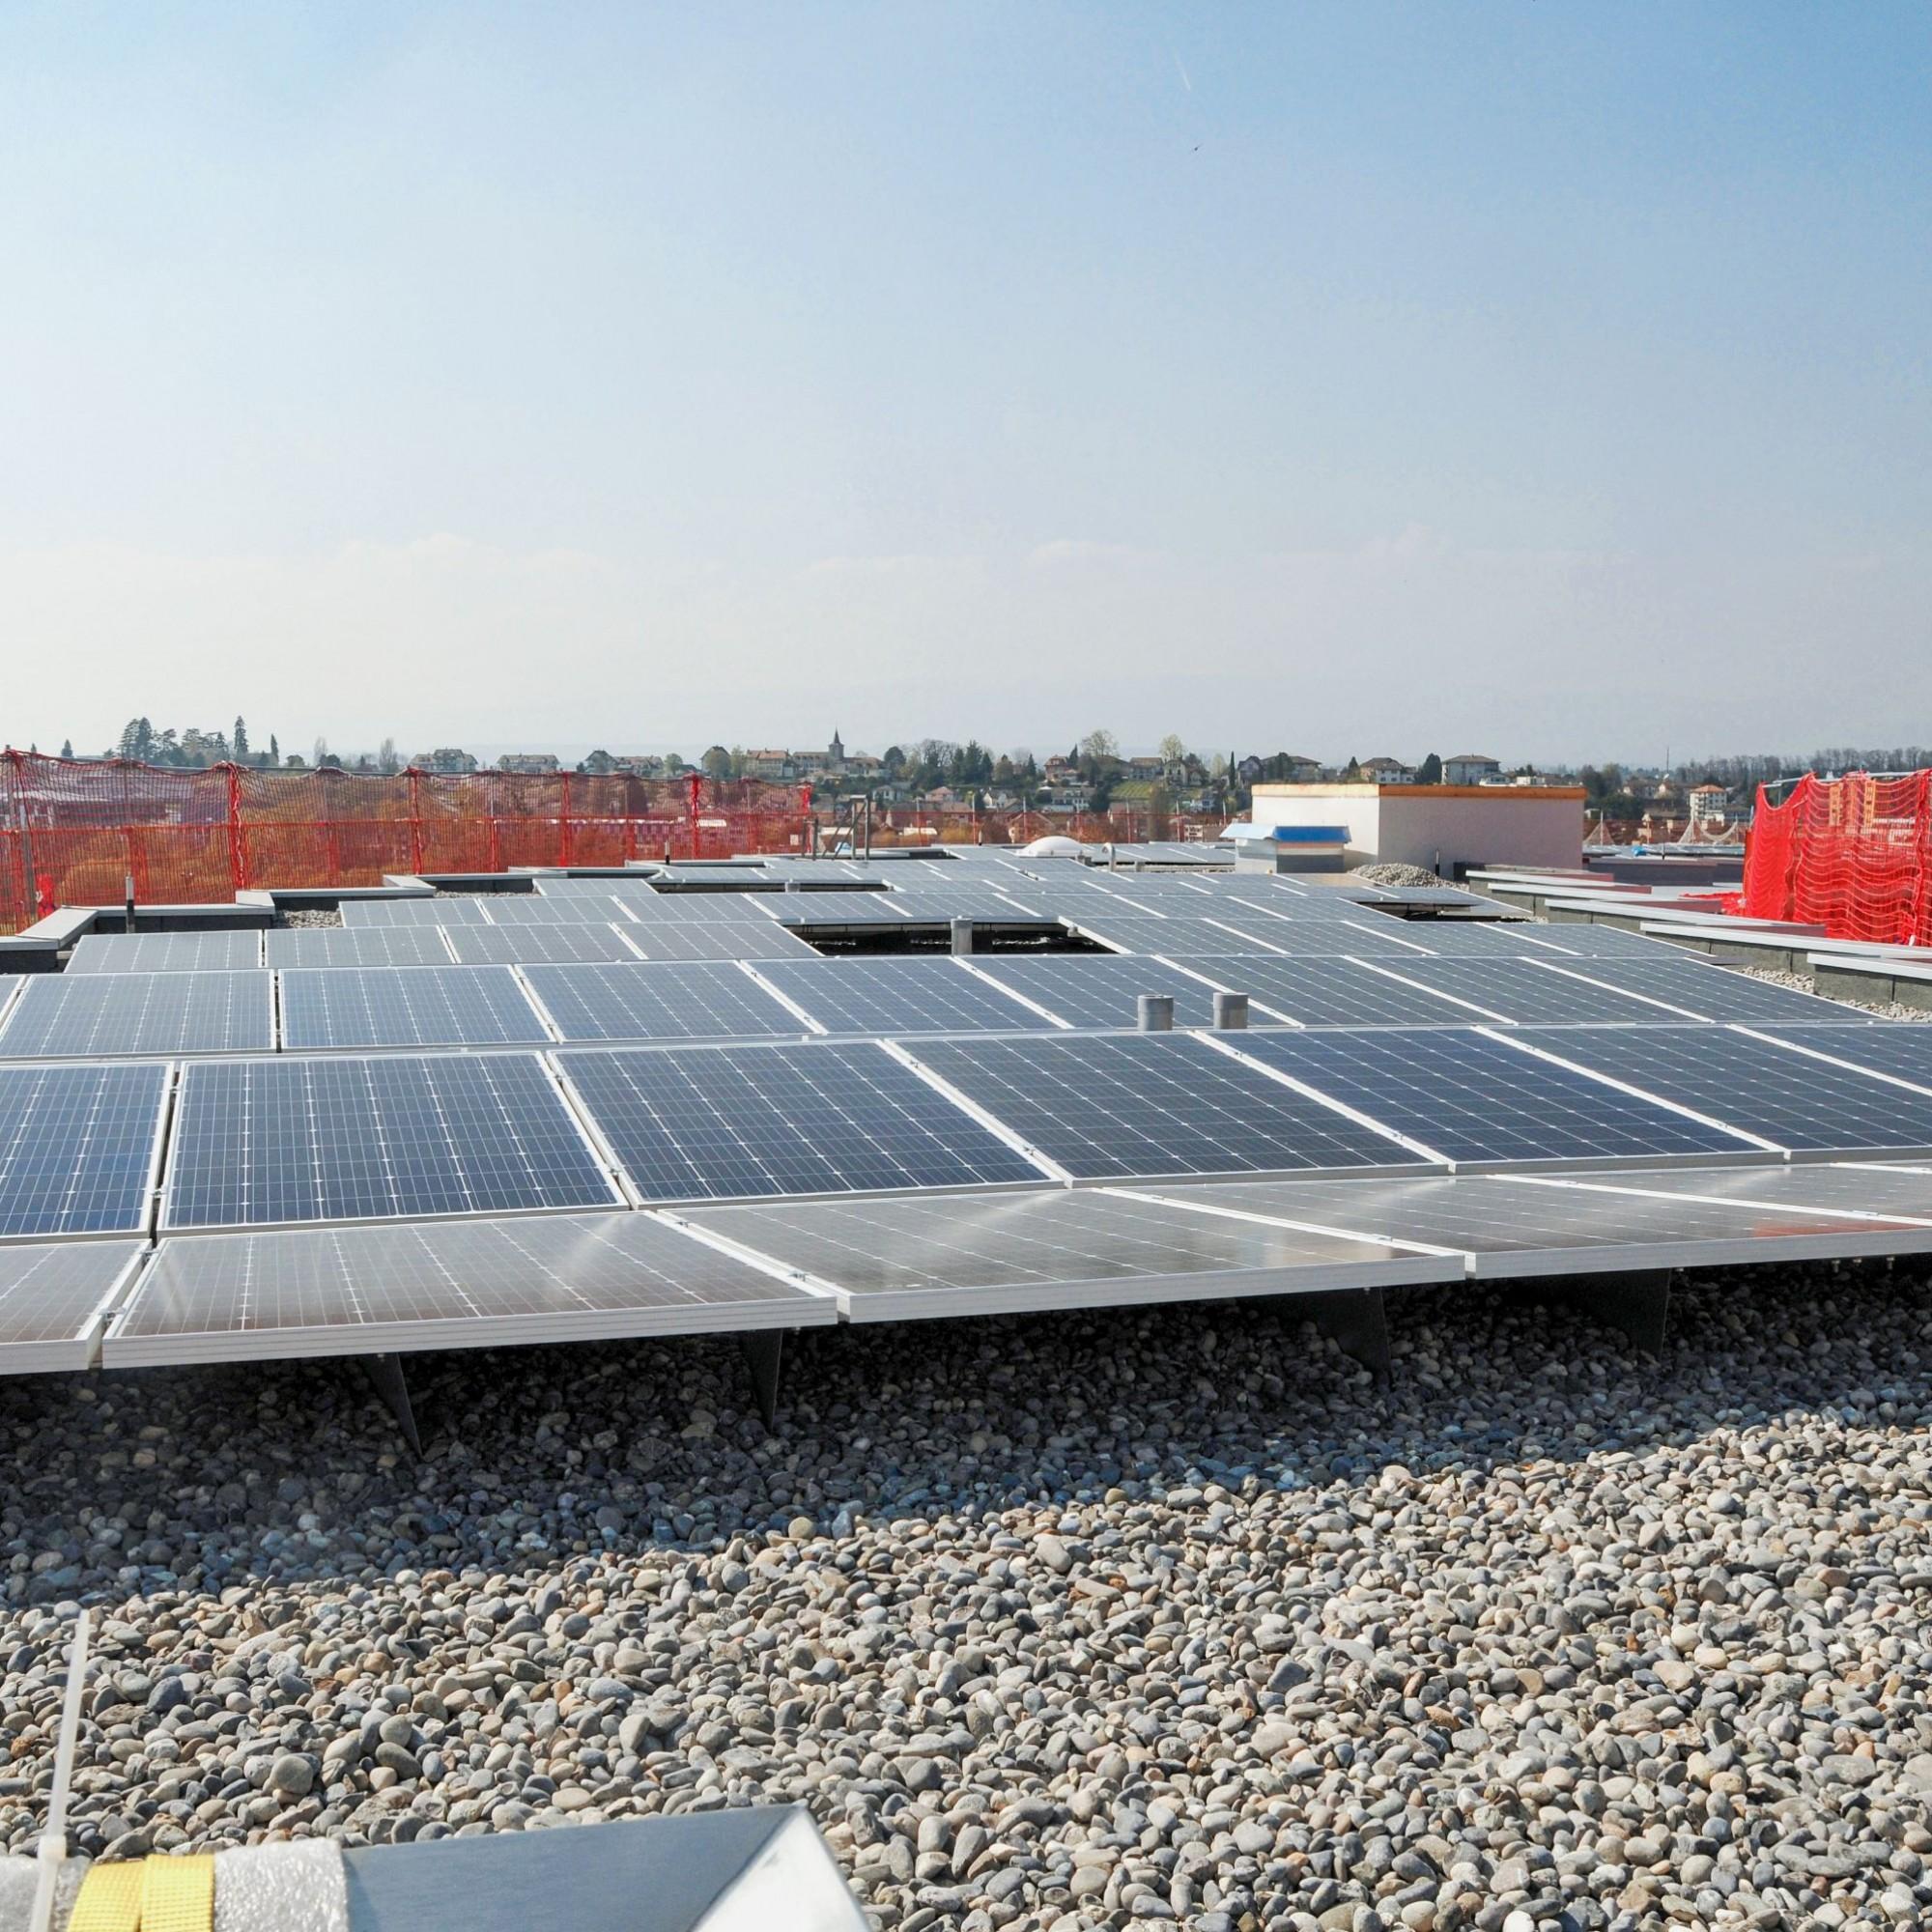 Nachhaltige Energieversorgung: Die Versorgung erfolgt über einen direkten Wasseranschluss an den Genfer See. Einen Teil des Strombedarfs deckt die aus 1200 Paneelen bestehende Photovoltaikanlage.